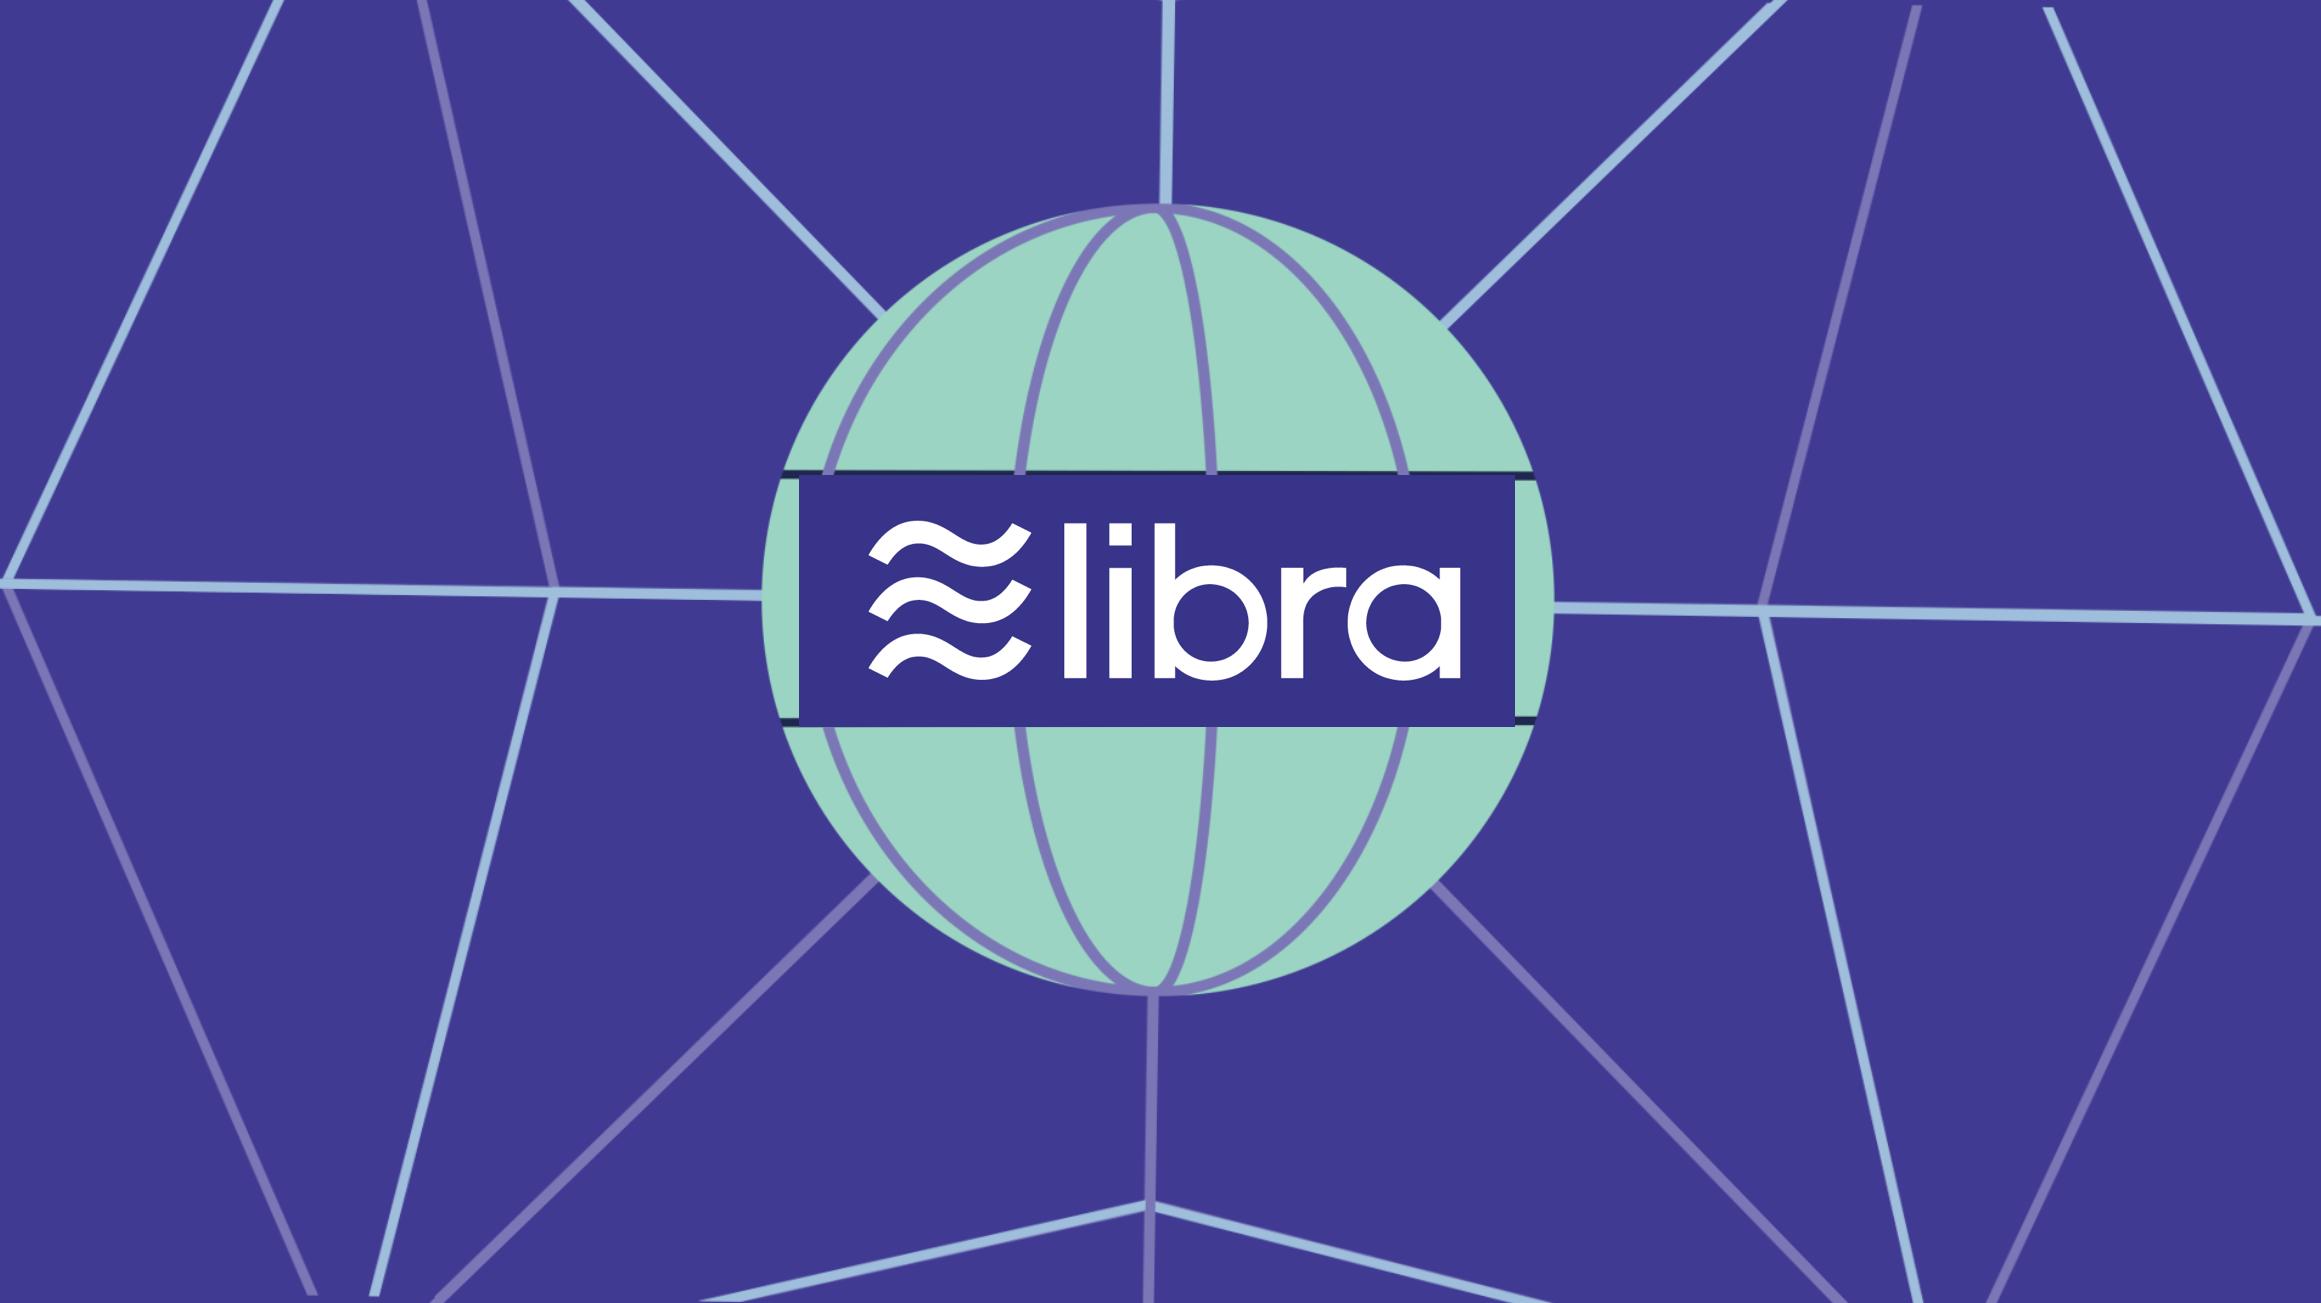 Libra. La criptovaluta di Facebook spiegata bene | TechCrunch